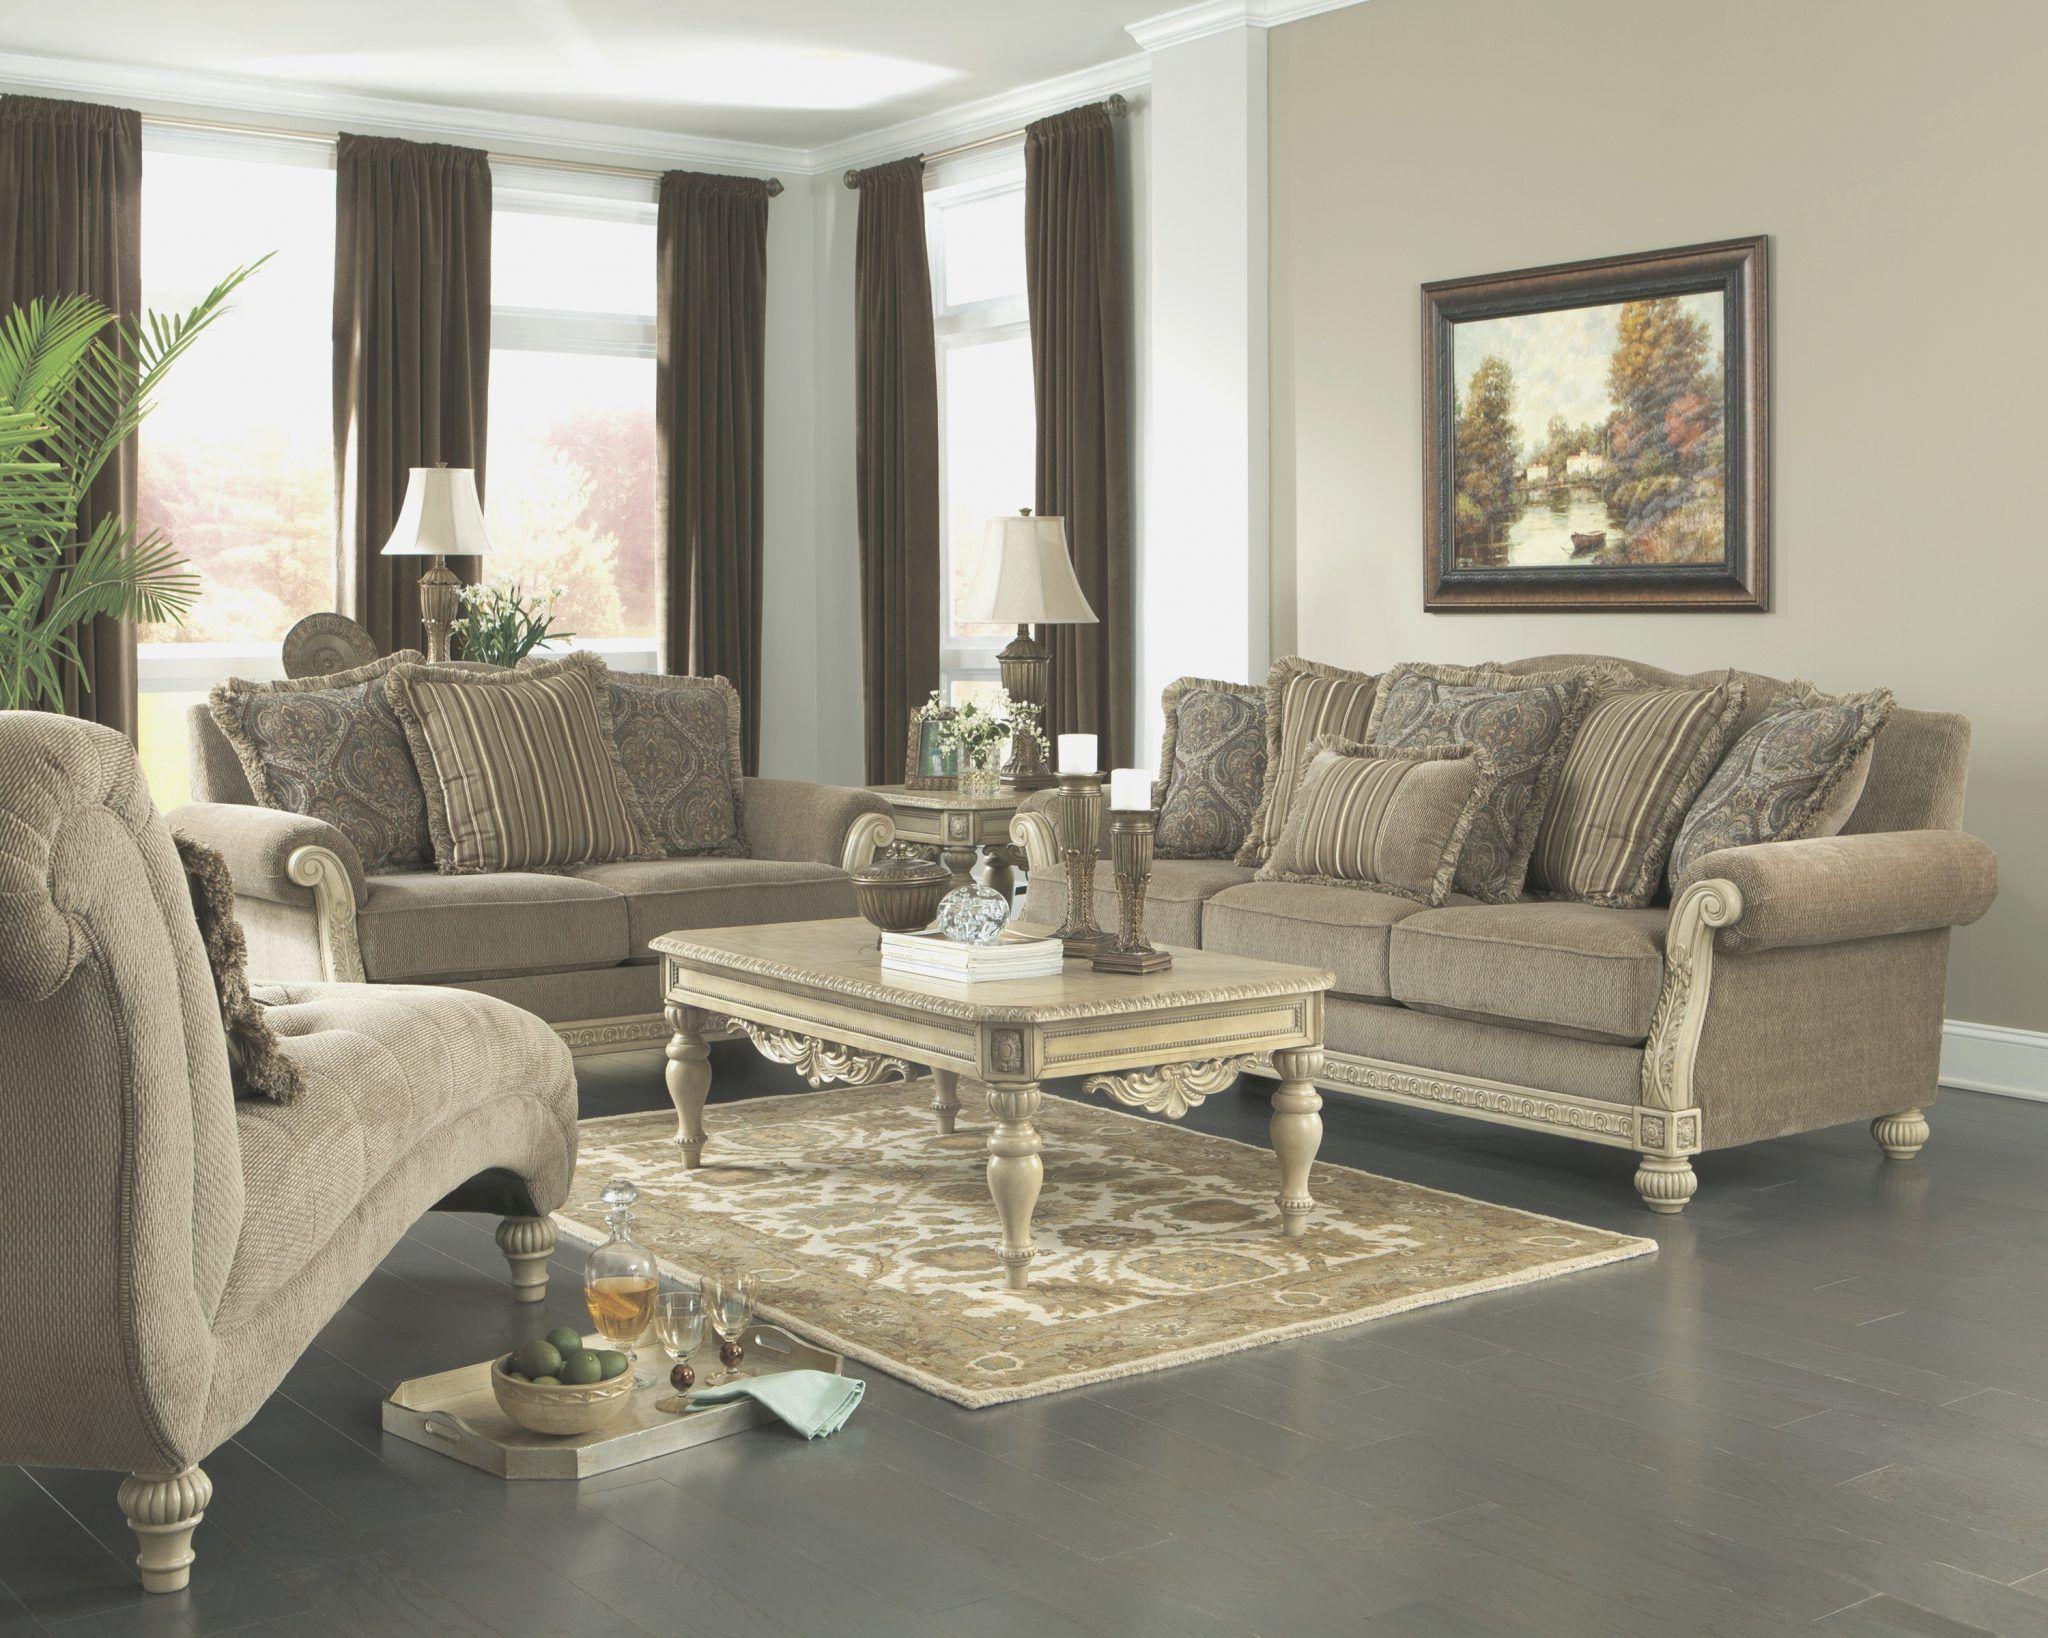 Ashleys Furniture Living Room Sets Living Room Sets Ashley Furniture Living Room Furniture